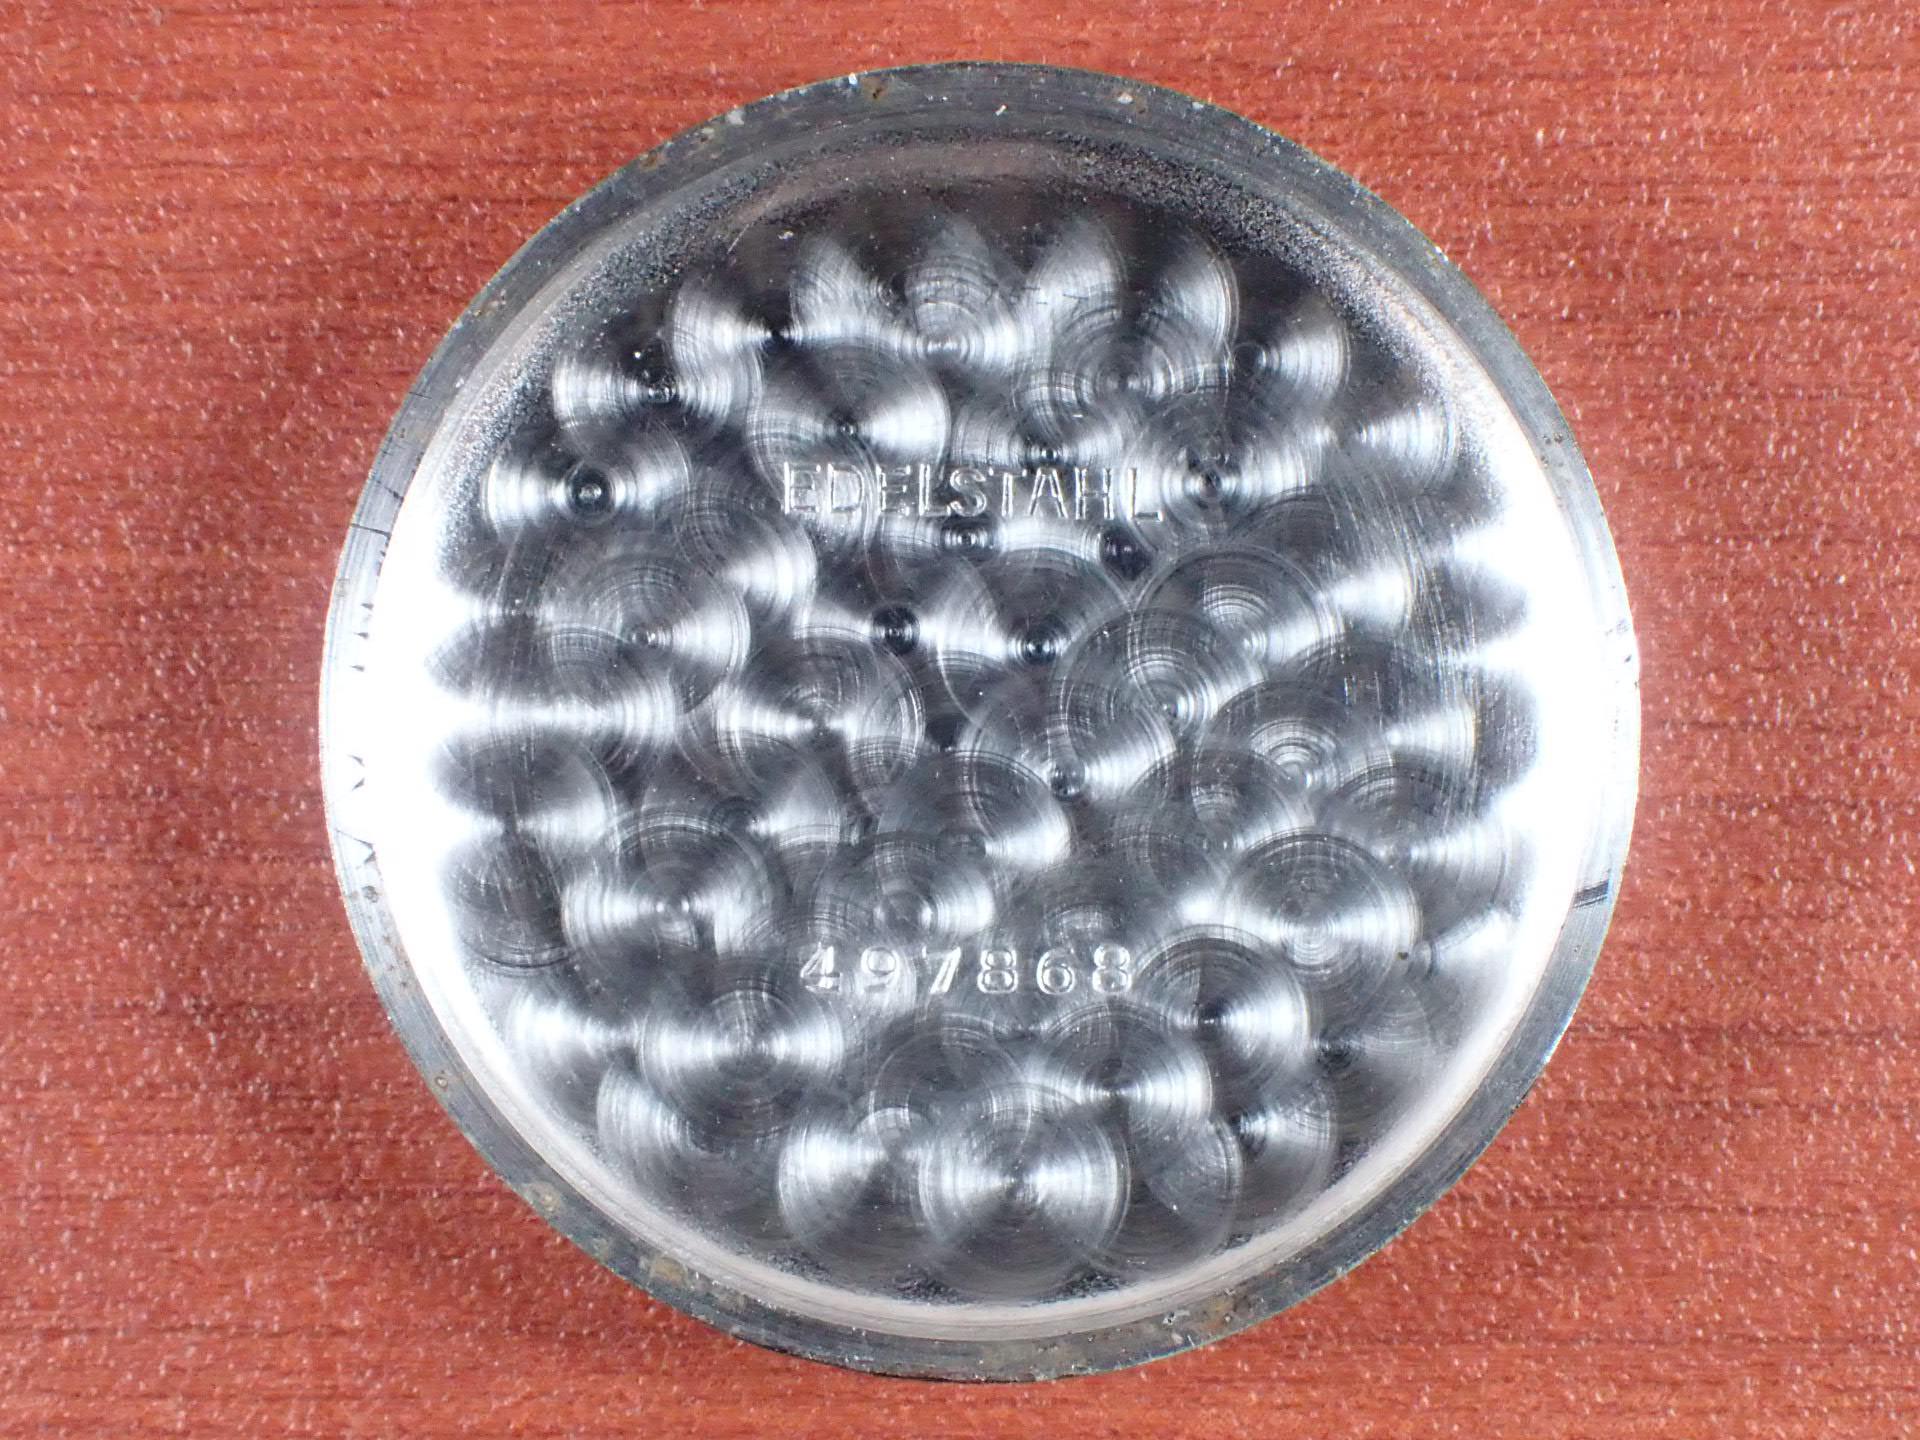 ミネルバ クロノグラフ Cal.13-20CH ブラックミラーダイアル 1930年代の写真6枚目